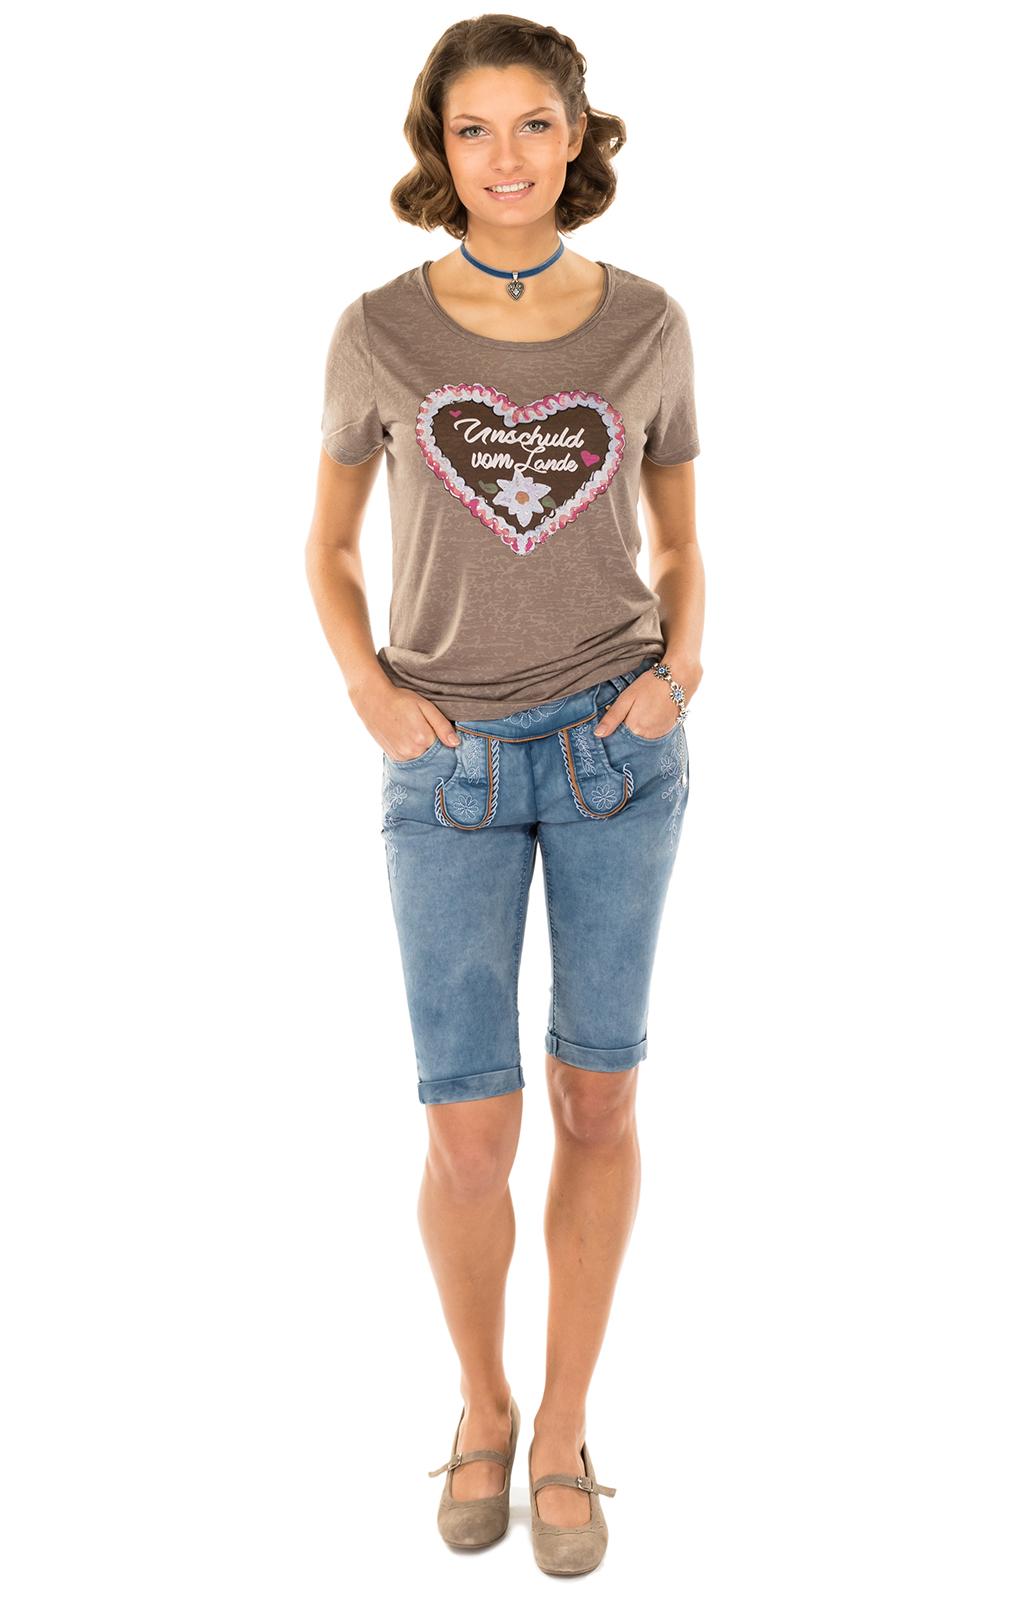 weitere Bilder von Trachten T-Shirt ANTARES funghi Herzmotiv